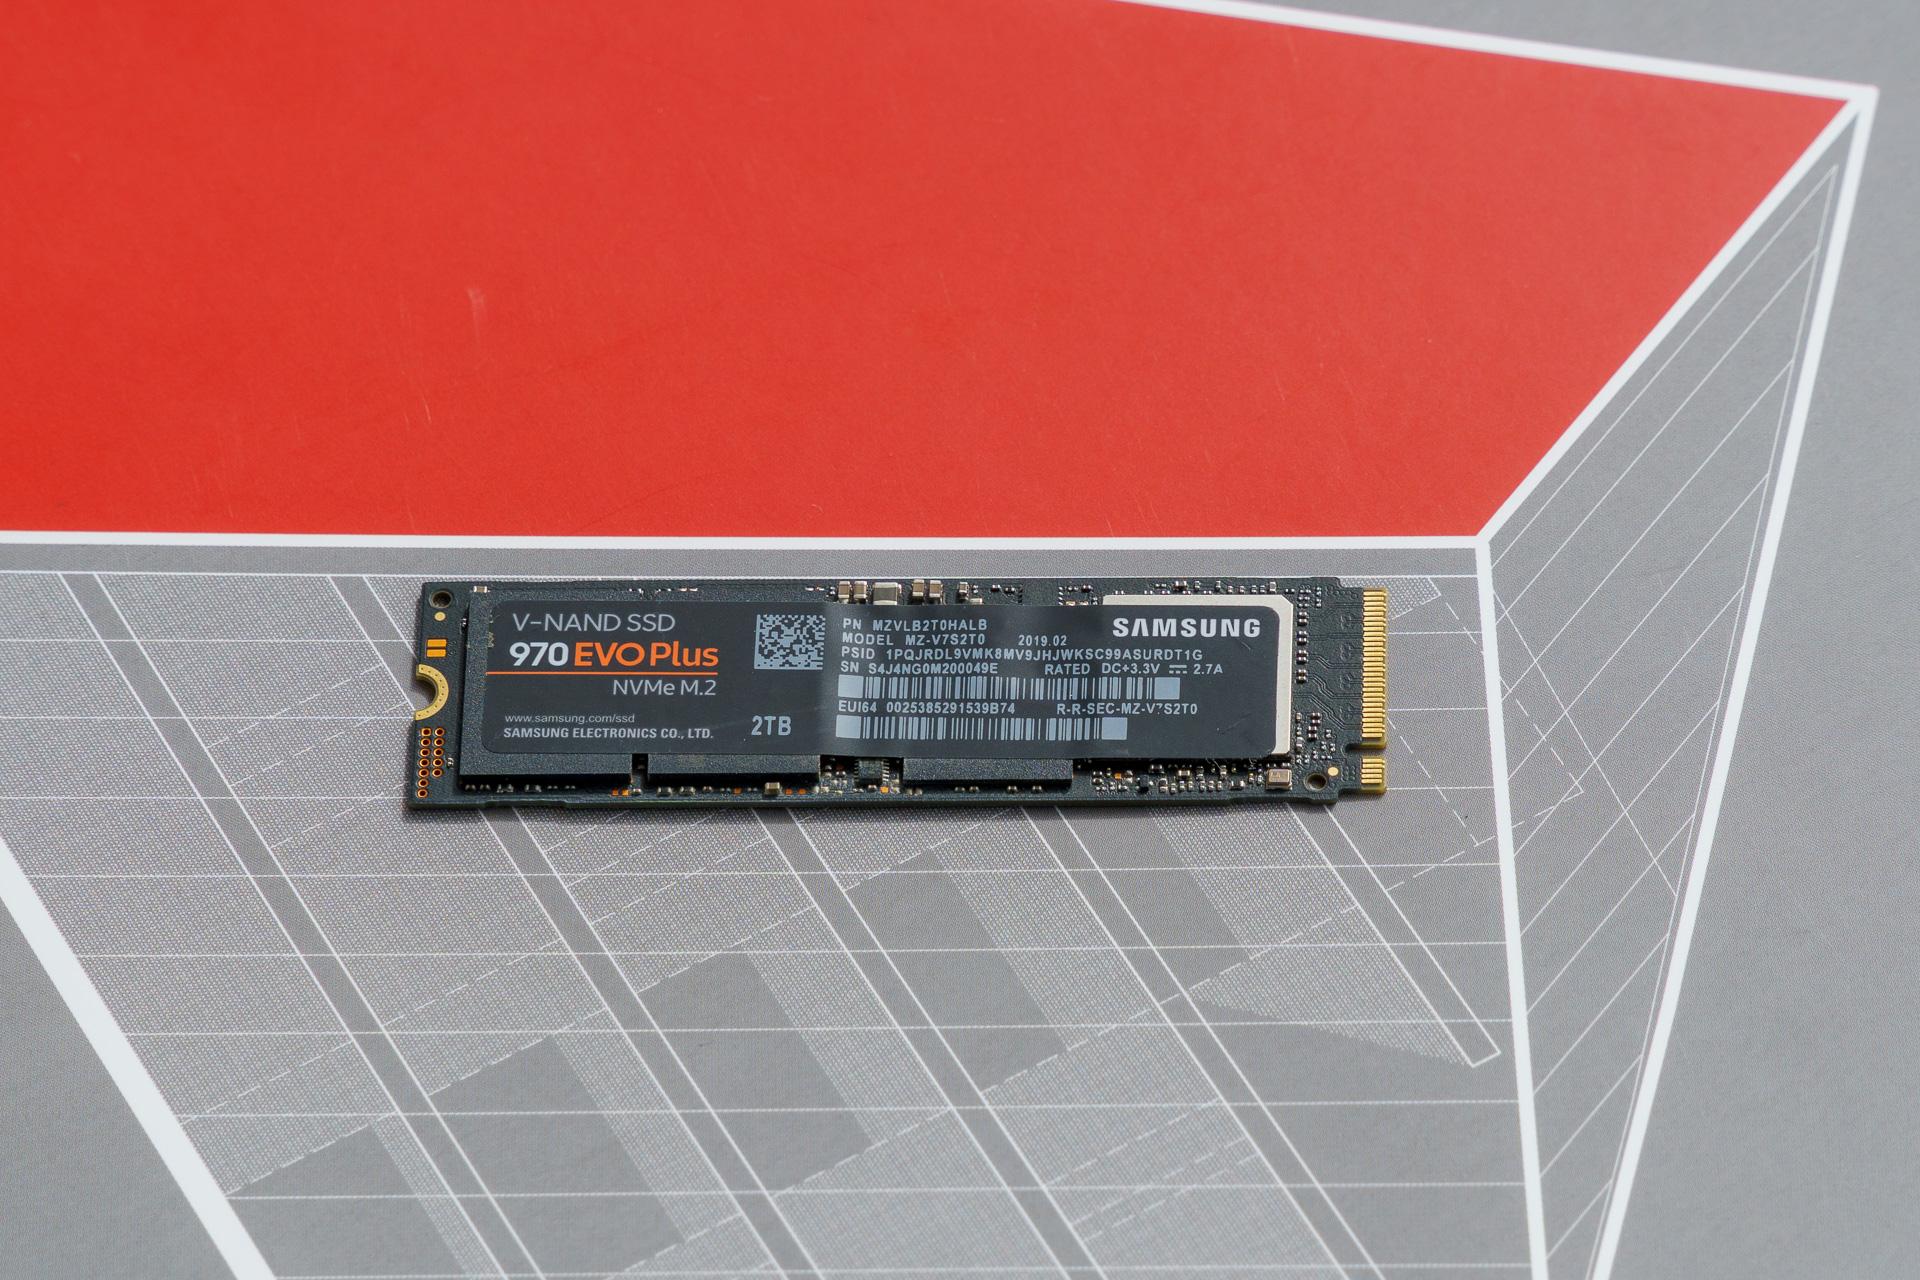 Dysk SSD Samsung 970 EVO Plus 2 TB - szybki jak błyskawica 21